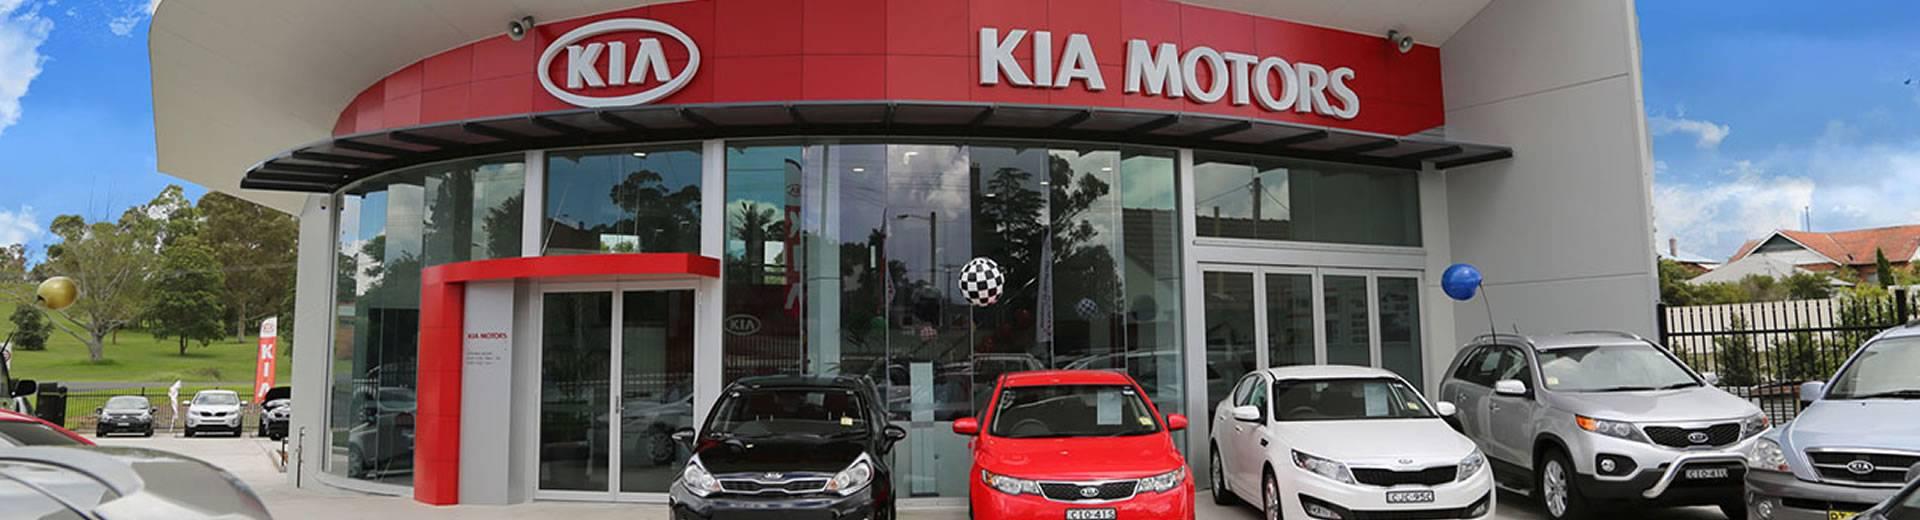 Kia Dealership Careers Maitland Kia